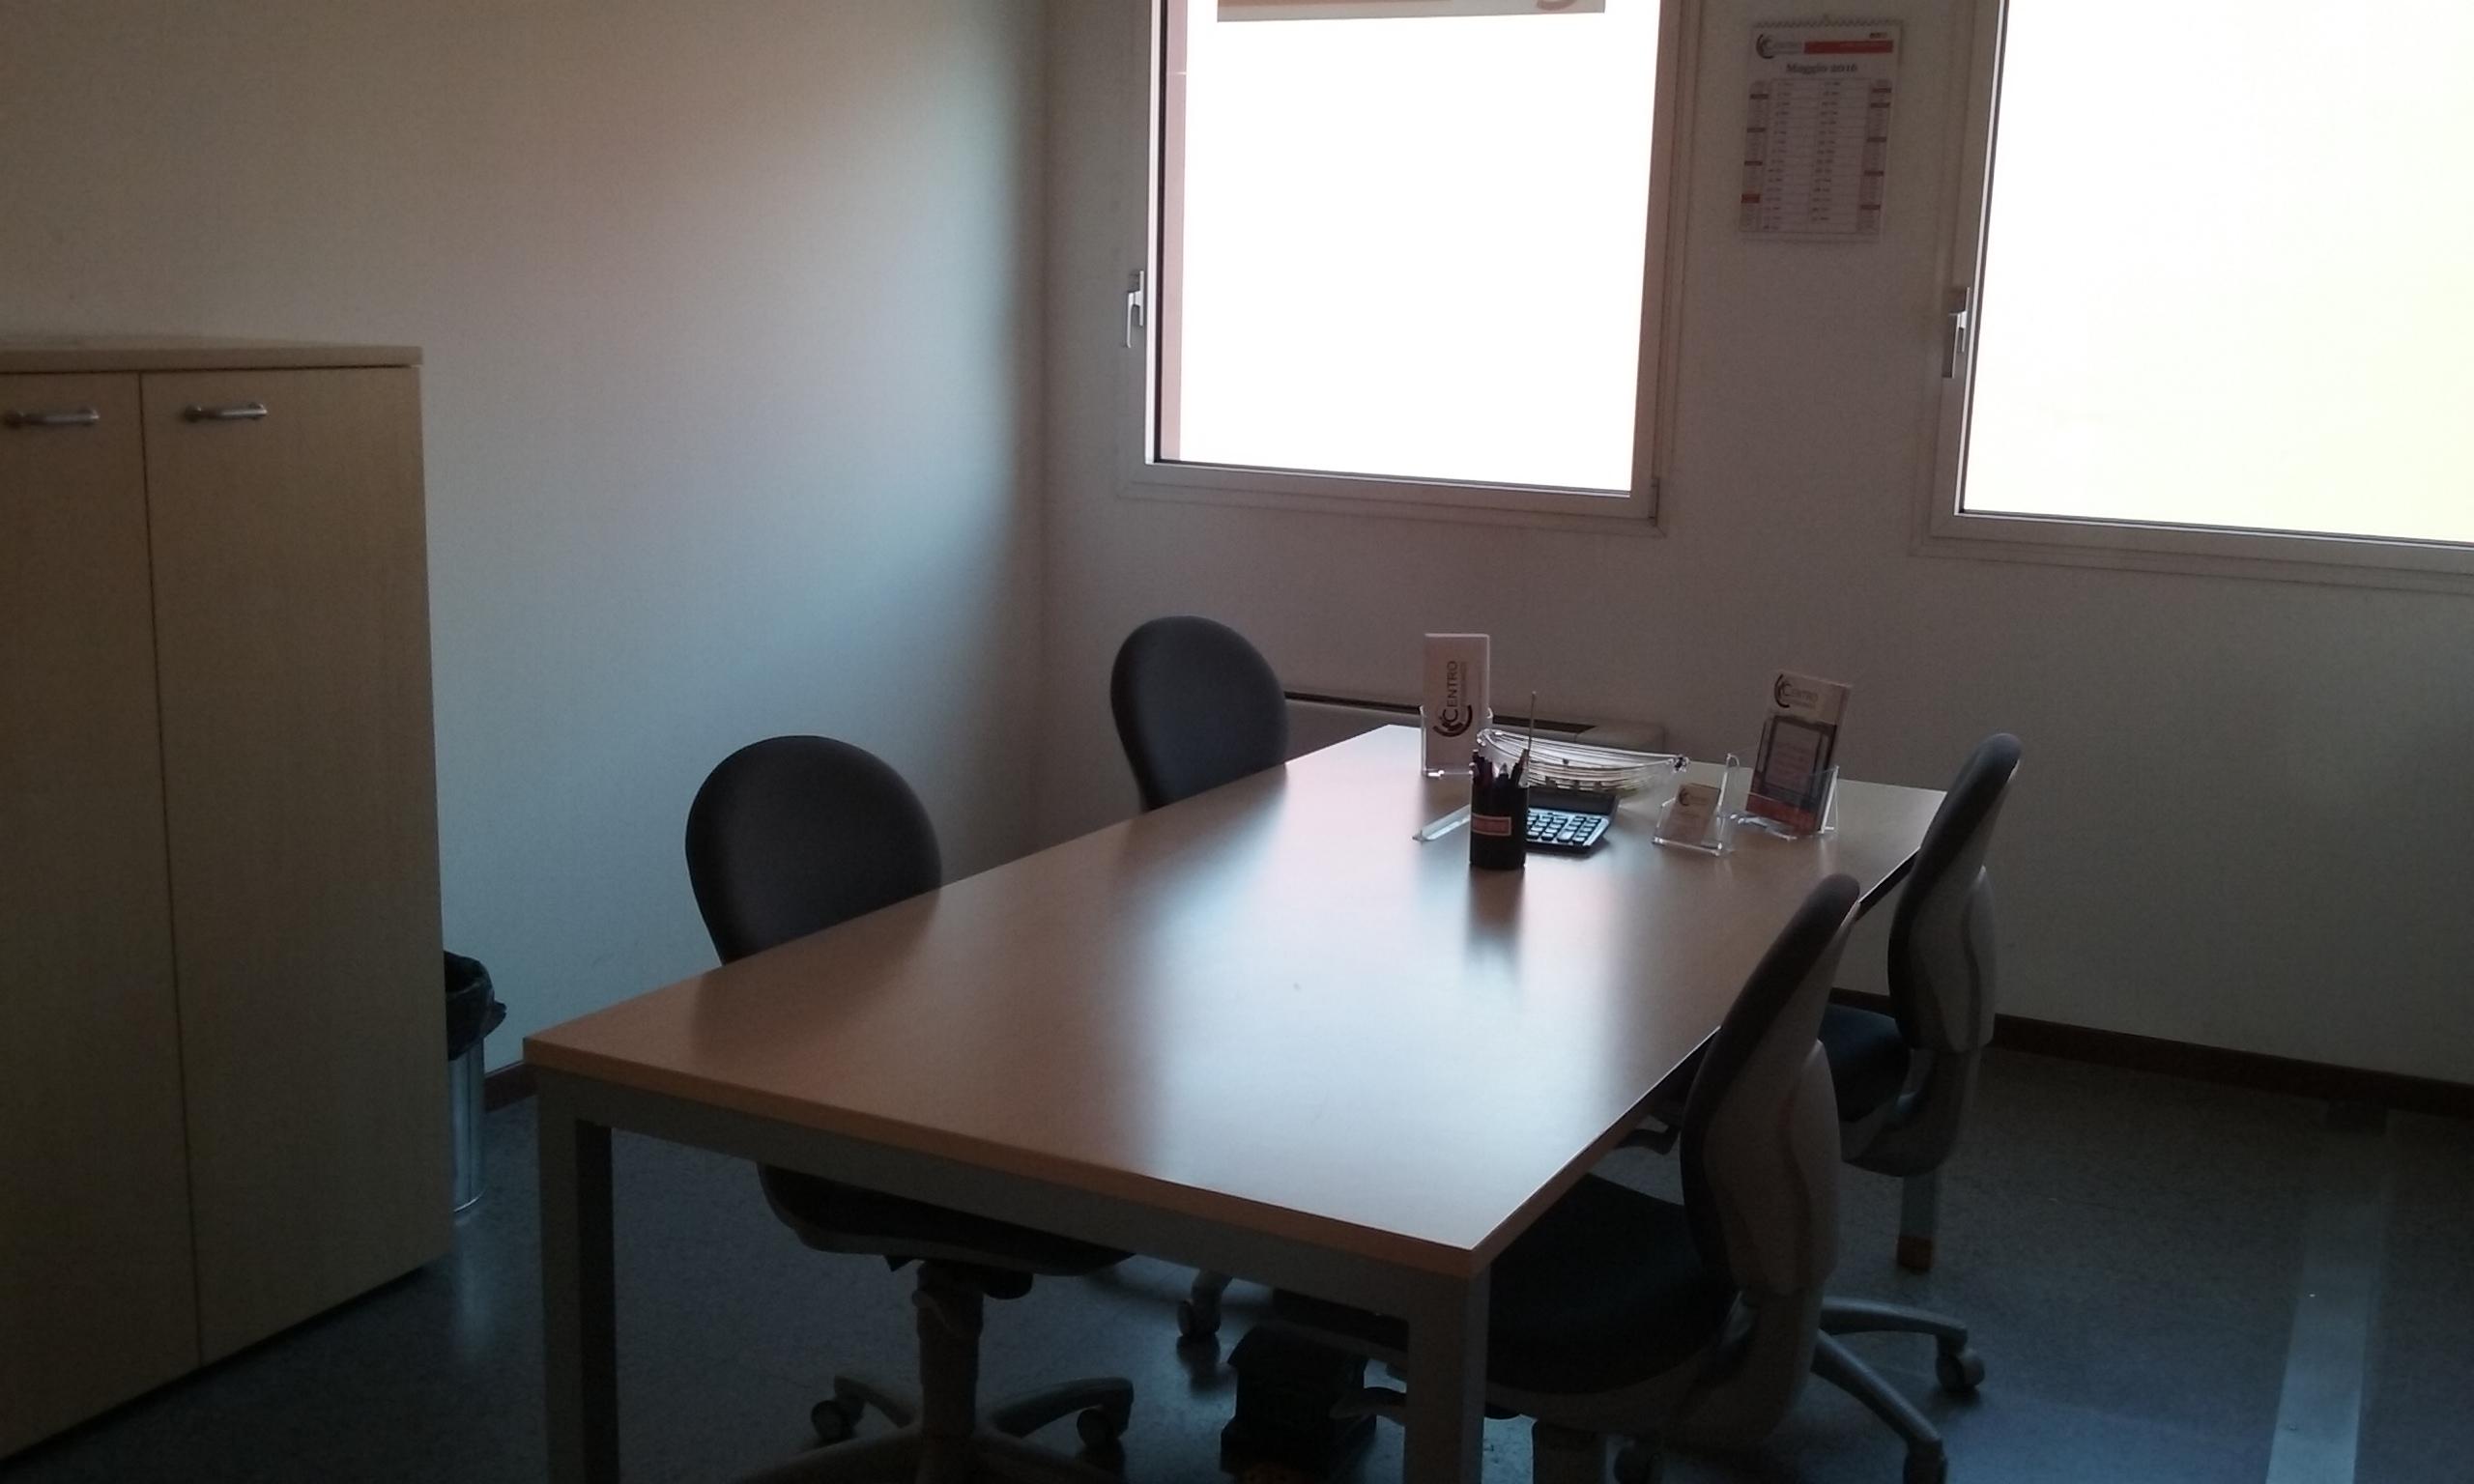 centro-coworking-sala-riunione-bianca1